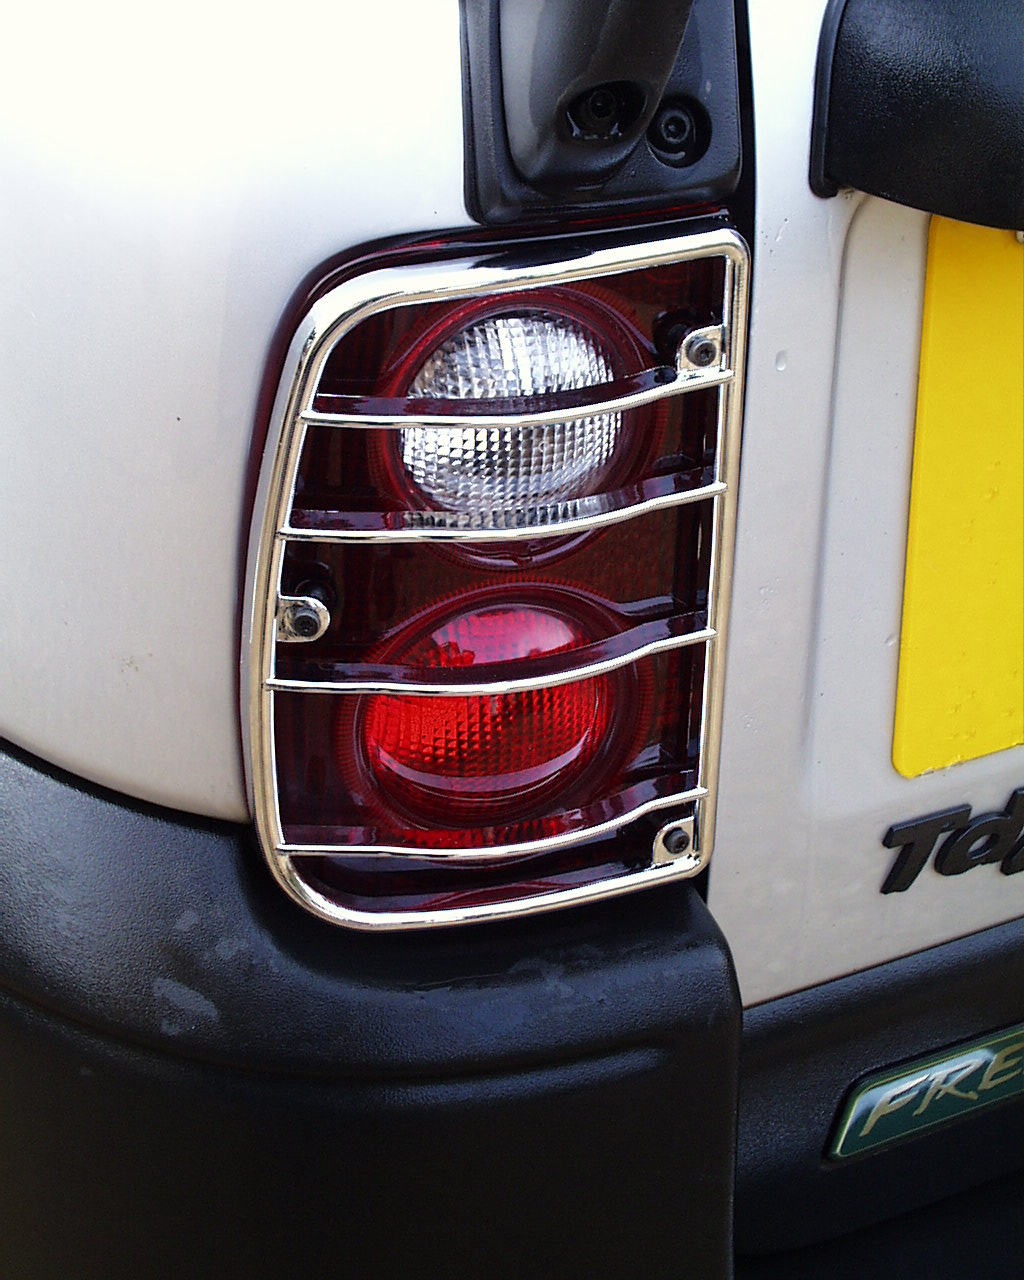 Back Light Wiring Diagram 2004 Range Rover: Rear Light Guards Chrome For Land Rover Freelander Lamp